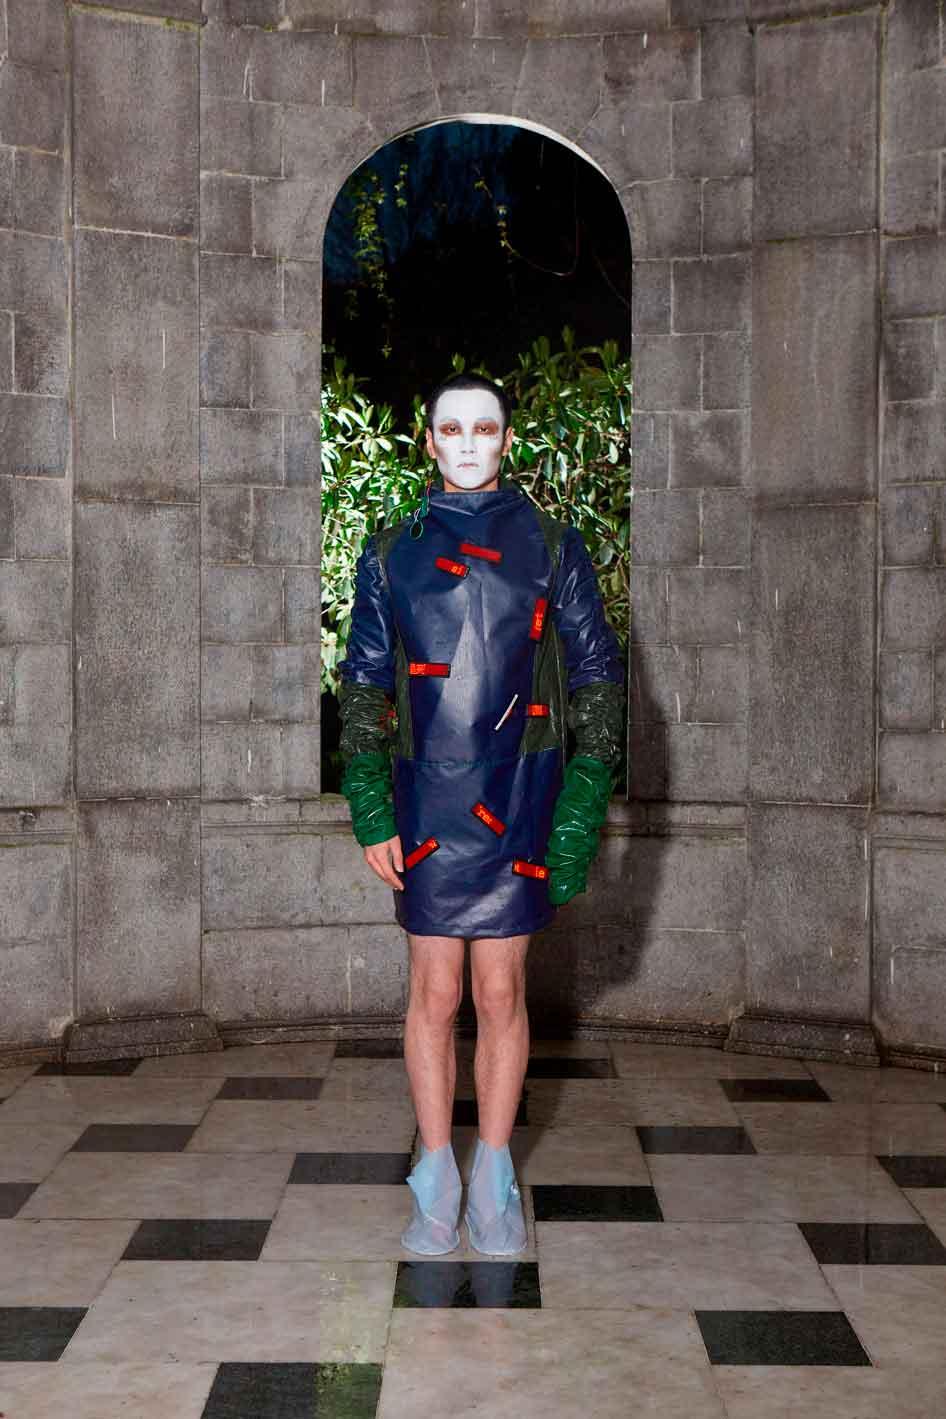 Fashion-индустрия для усопших. 6 предметов гардероба из новой коллекции